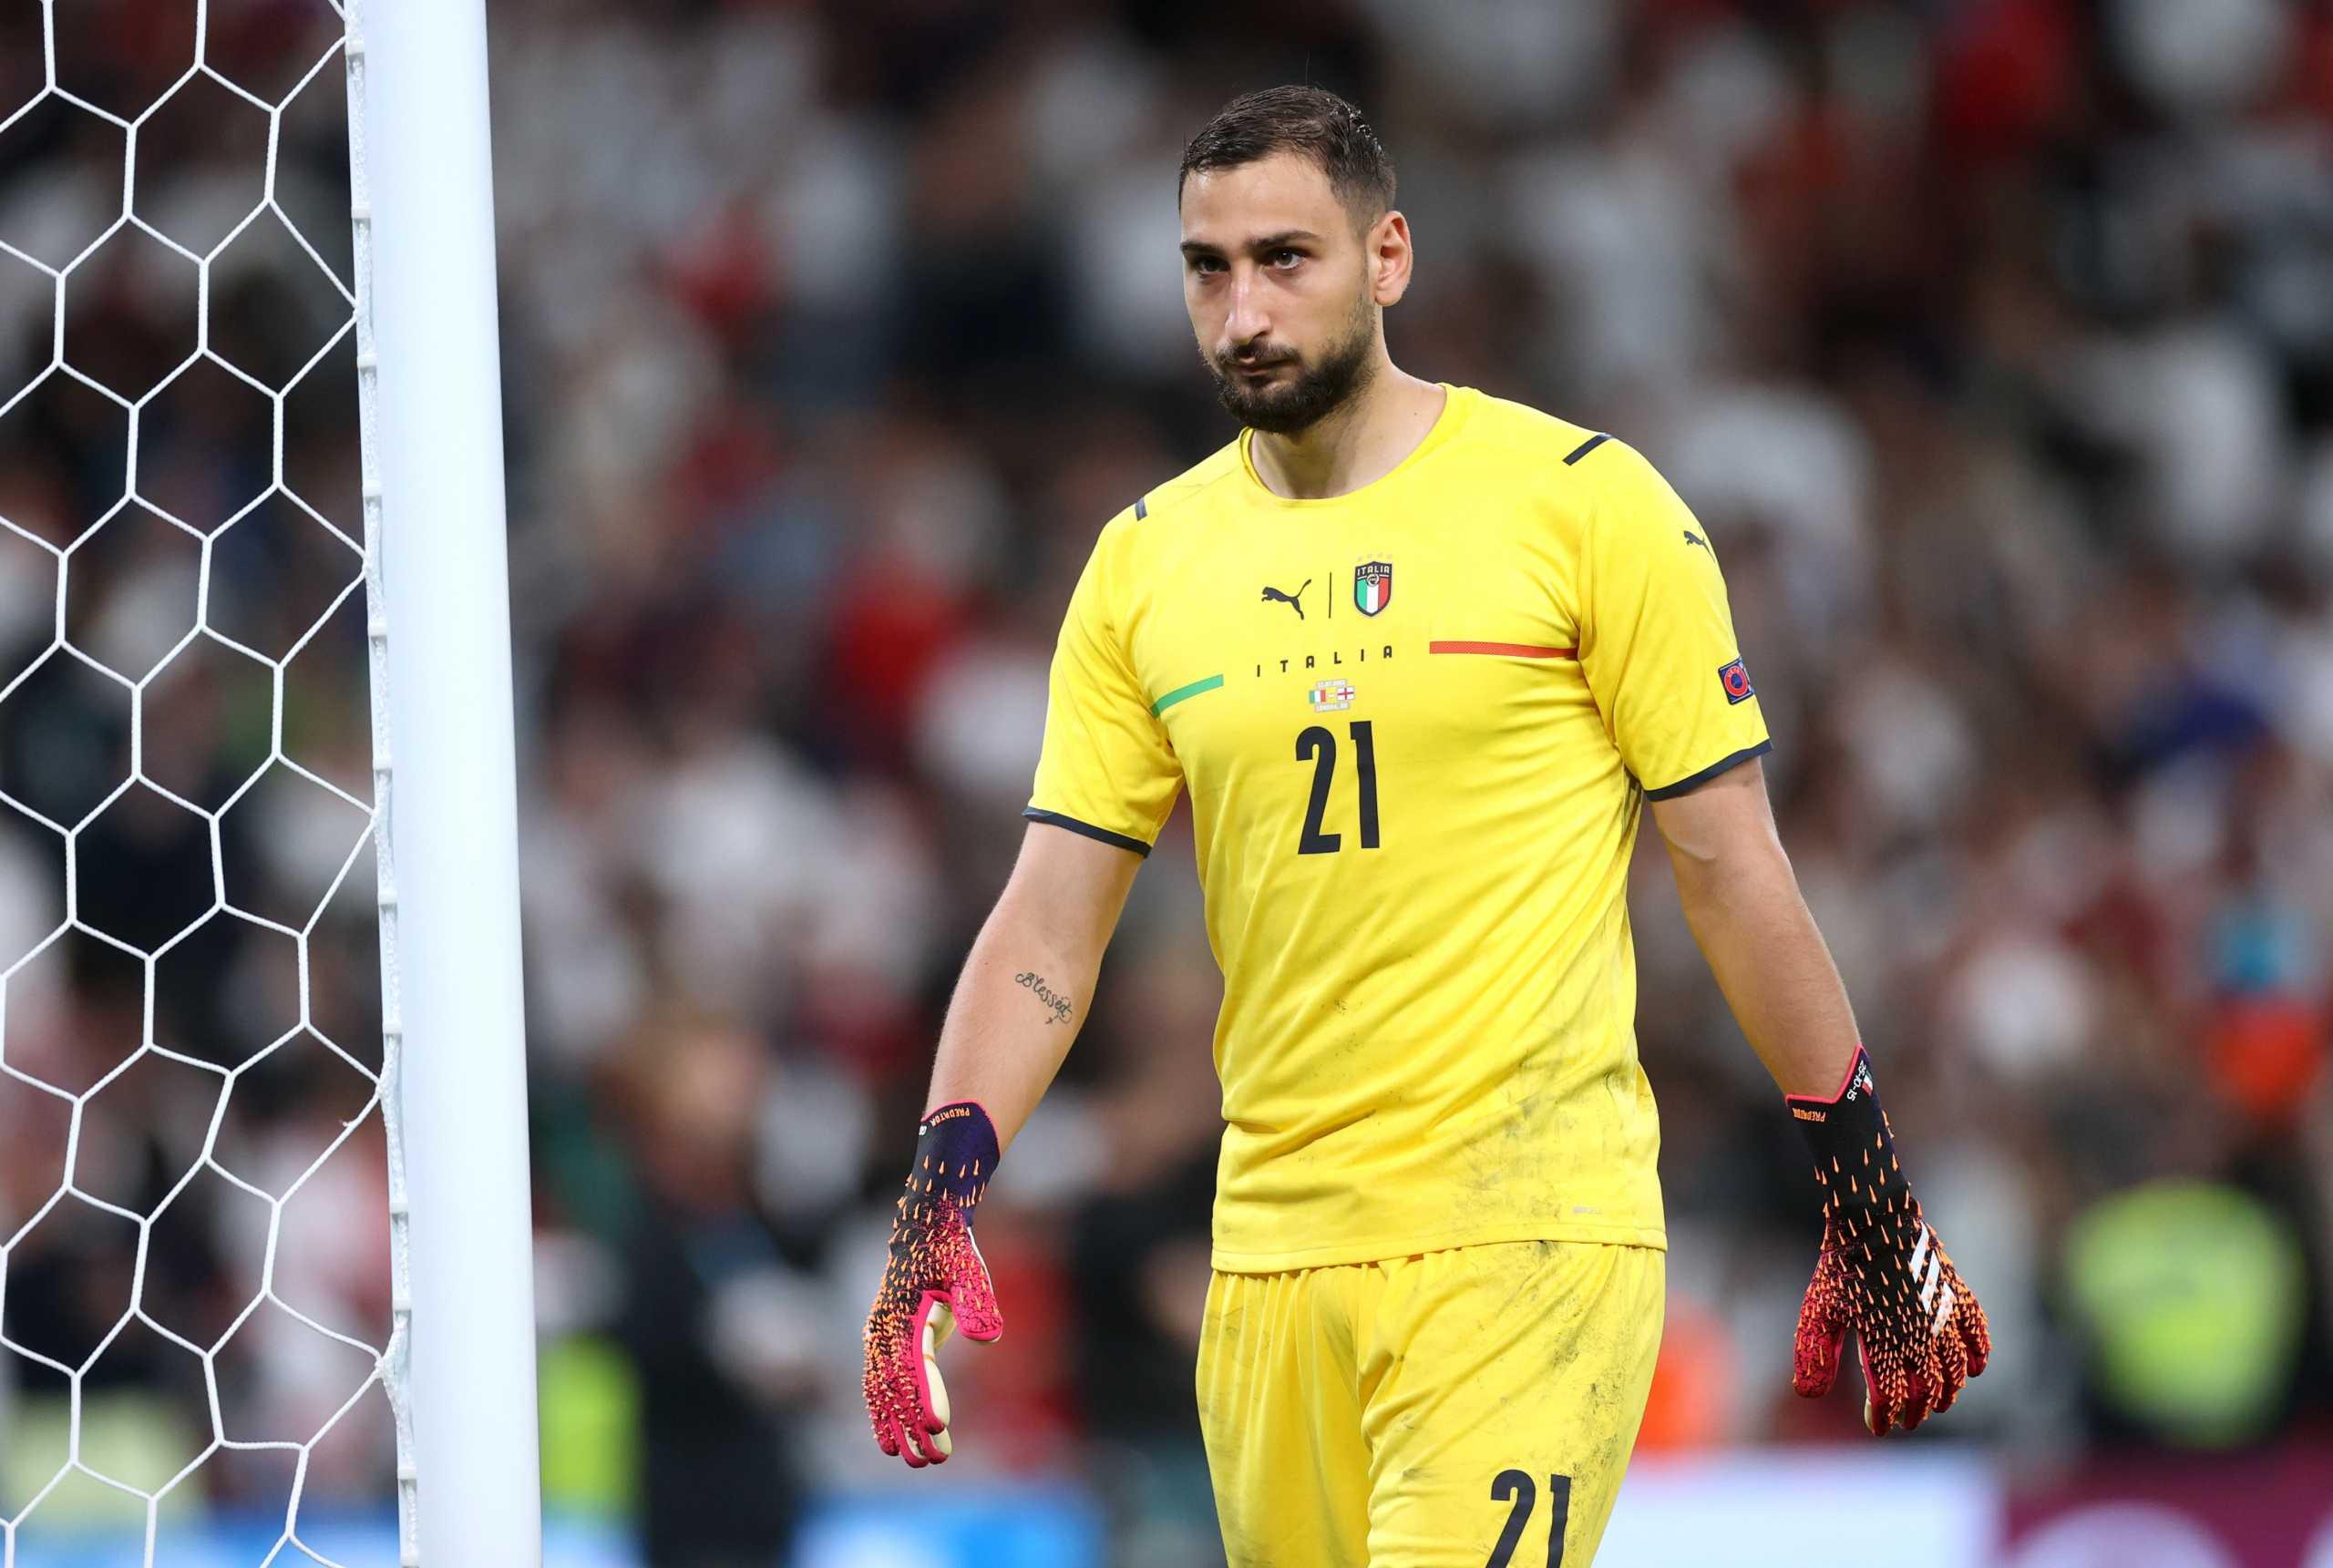 Ντοναρούμα: Γι' αυτό έμεινε ατάραχος μετά το τελευταίο πέναλτι στον τελικό του Euro 2020